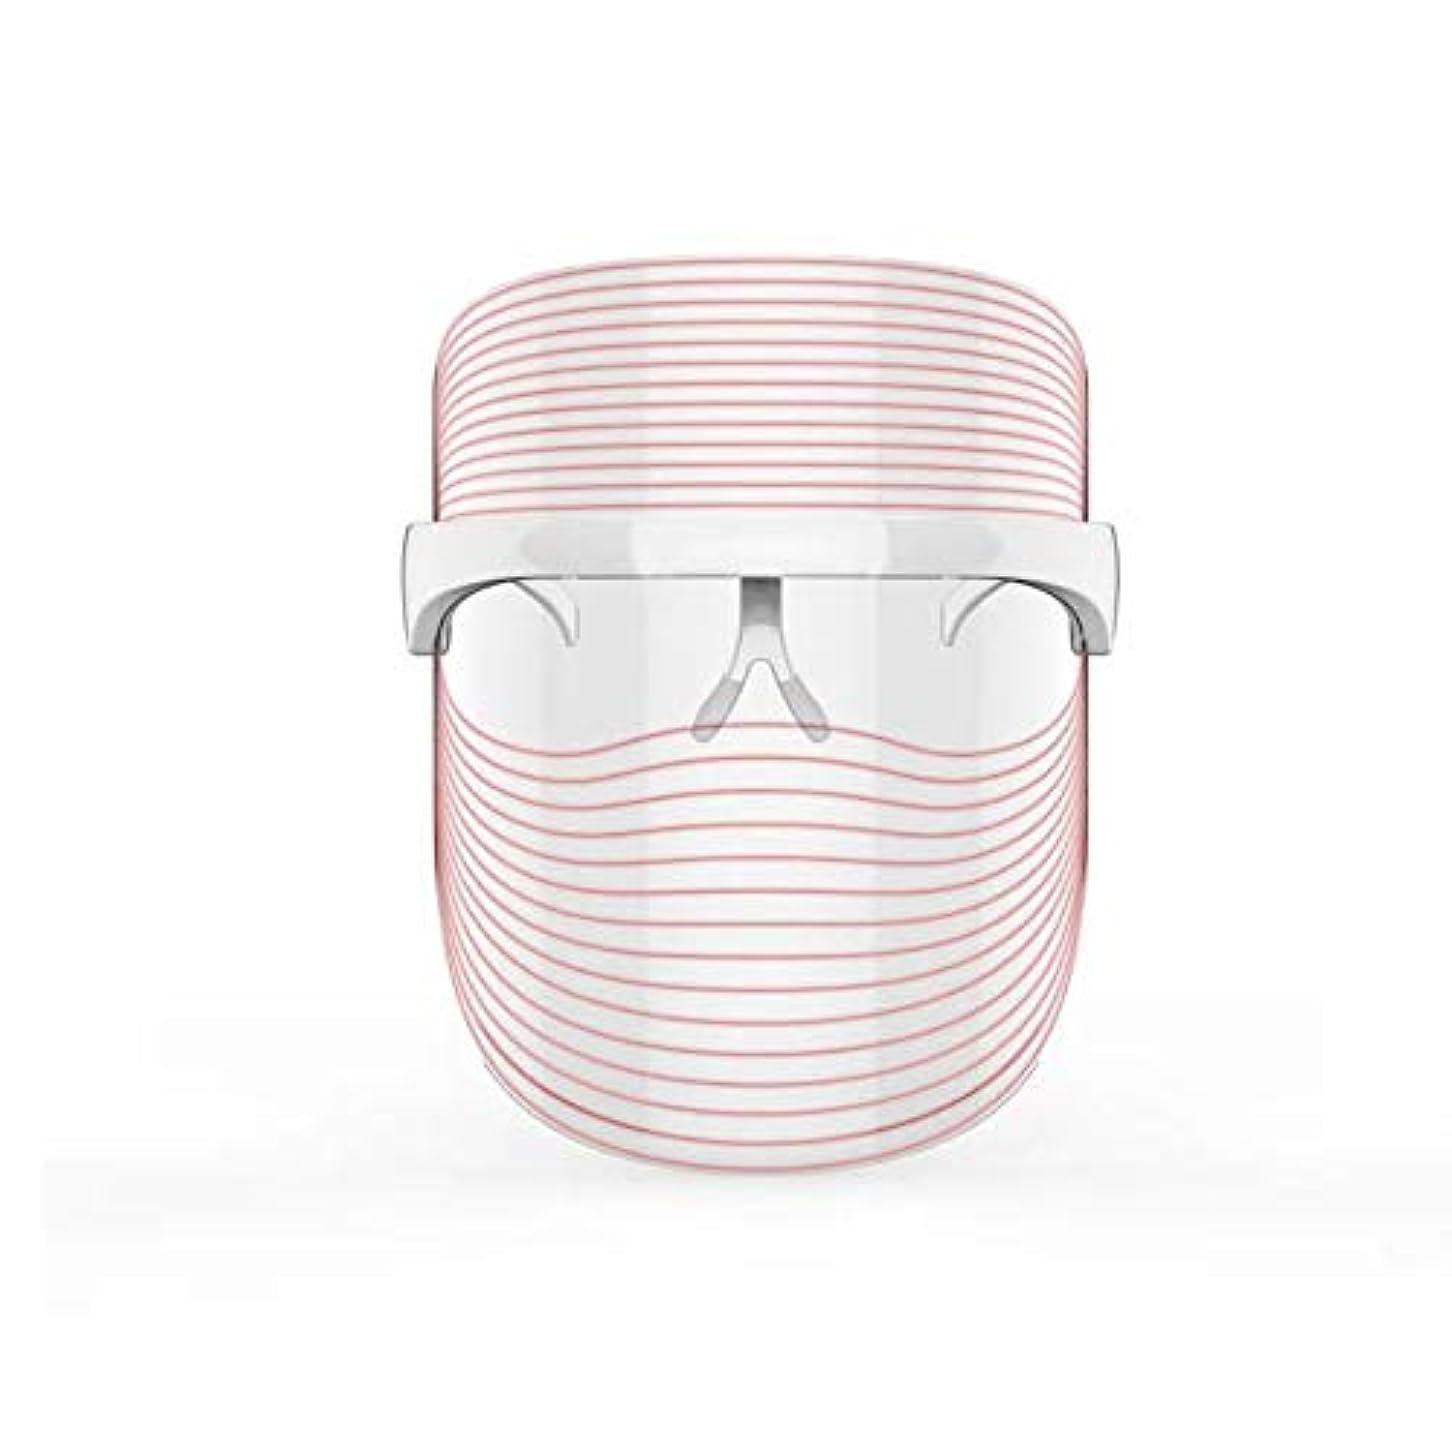 編集者溶岩形容詞3色LEDマスクフェイス&ネックネオン白熱LEDフェイスマスク電動フェイシャルスキンケアフェイススキンビューティー